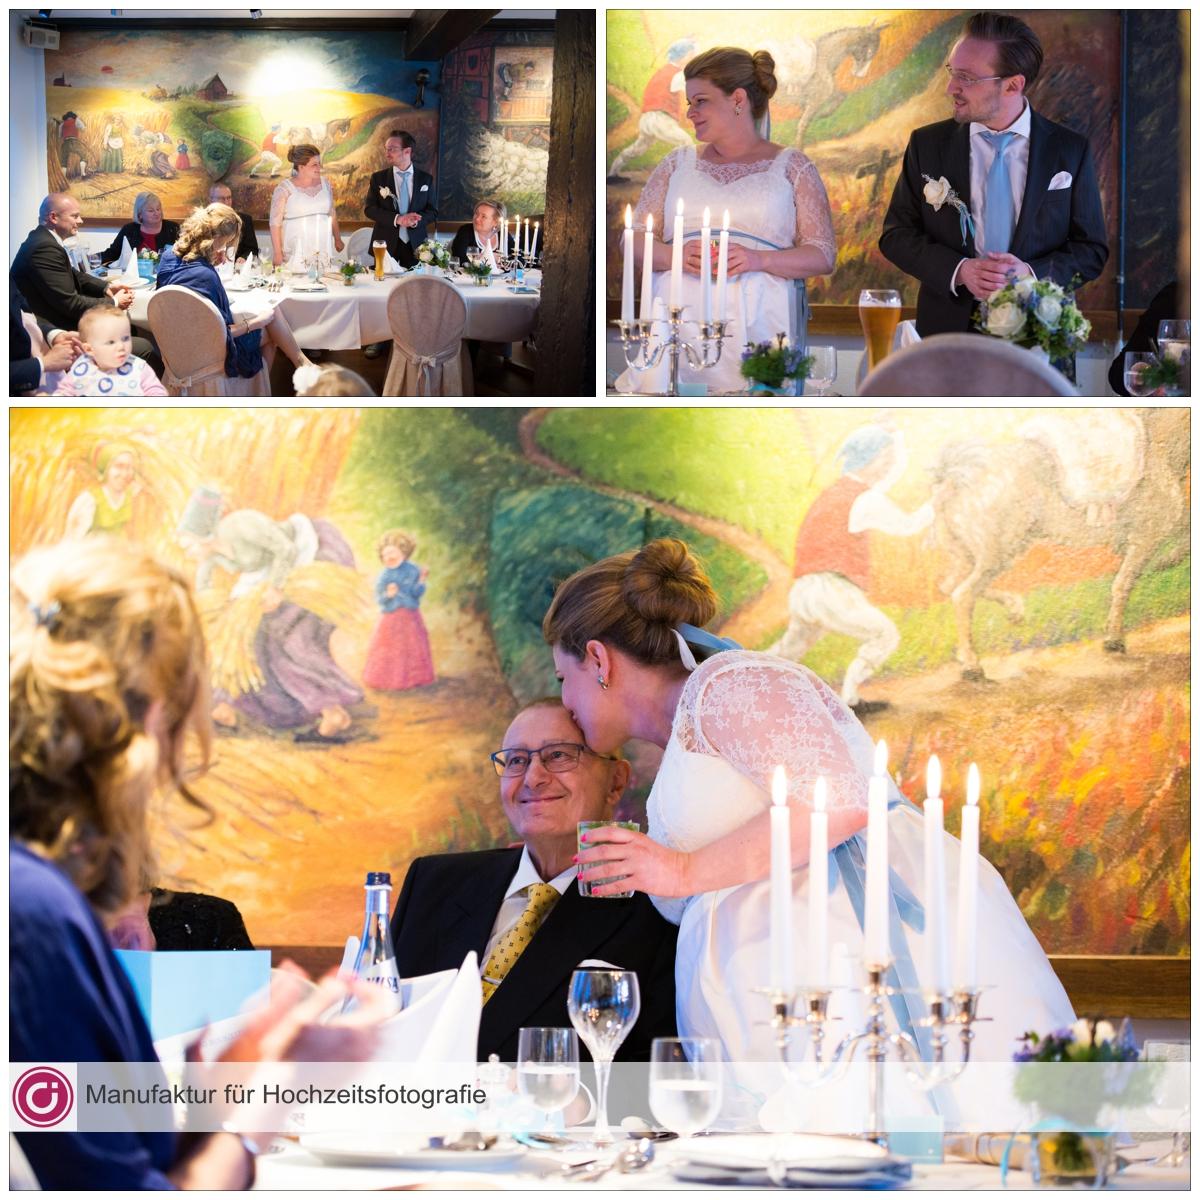 Hochzeitsfotografie Lueneburg Hochzeitsfotograf Berlin Hamburg Zuerich-29